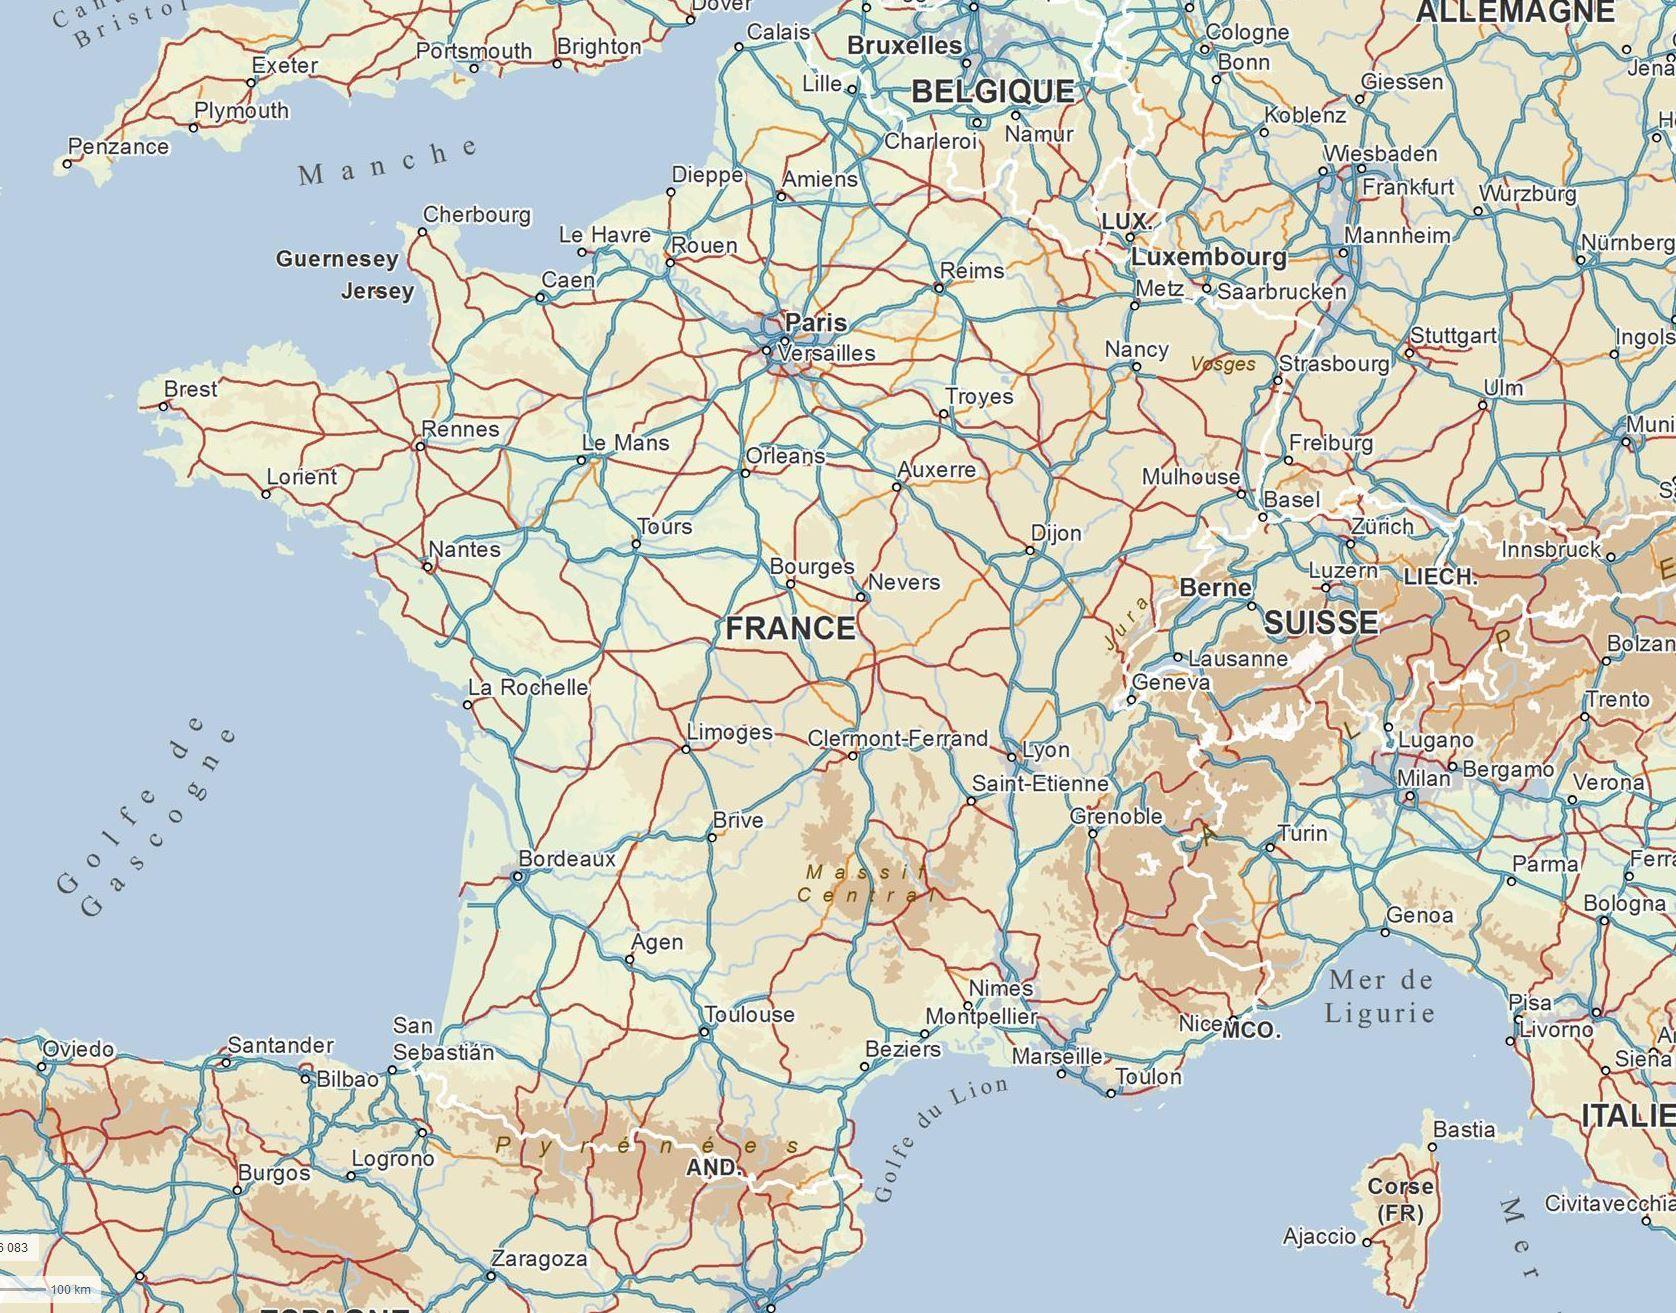 Carte Routiere : Carte Des Routes De France, Calcul D dedans Carte De France Imprimable Gratuite